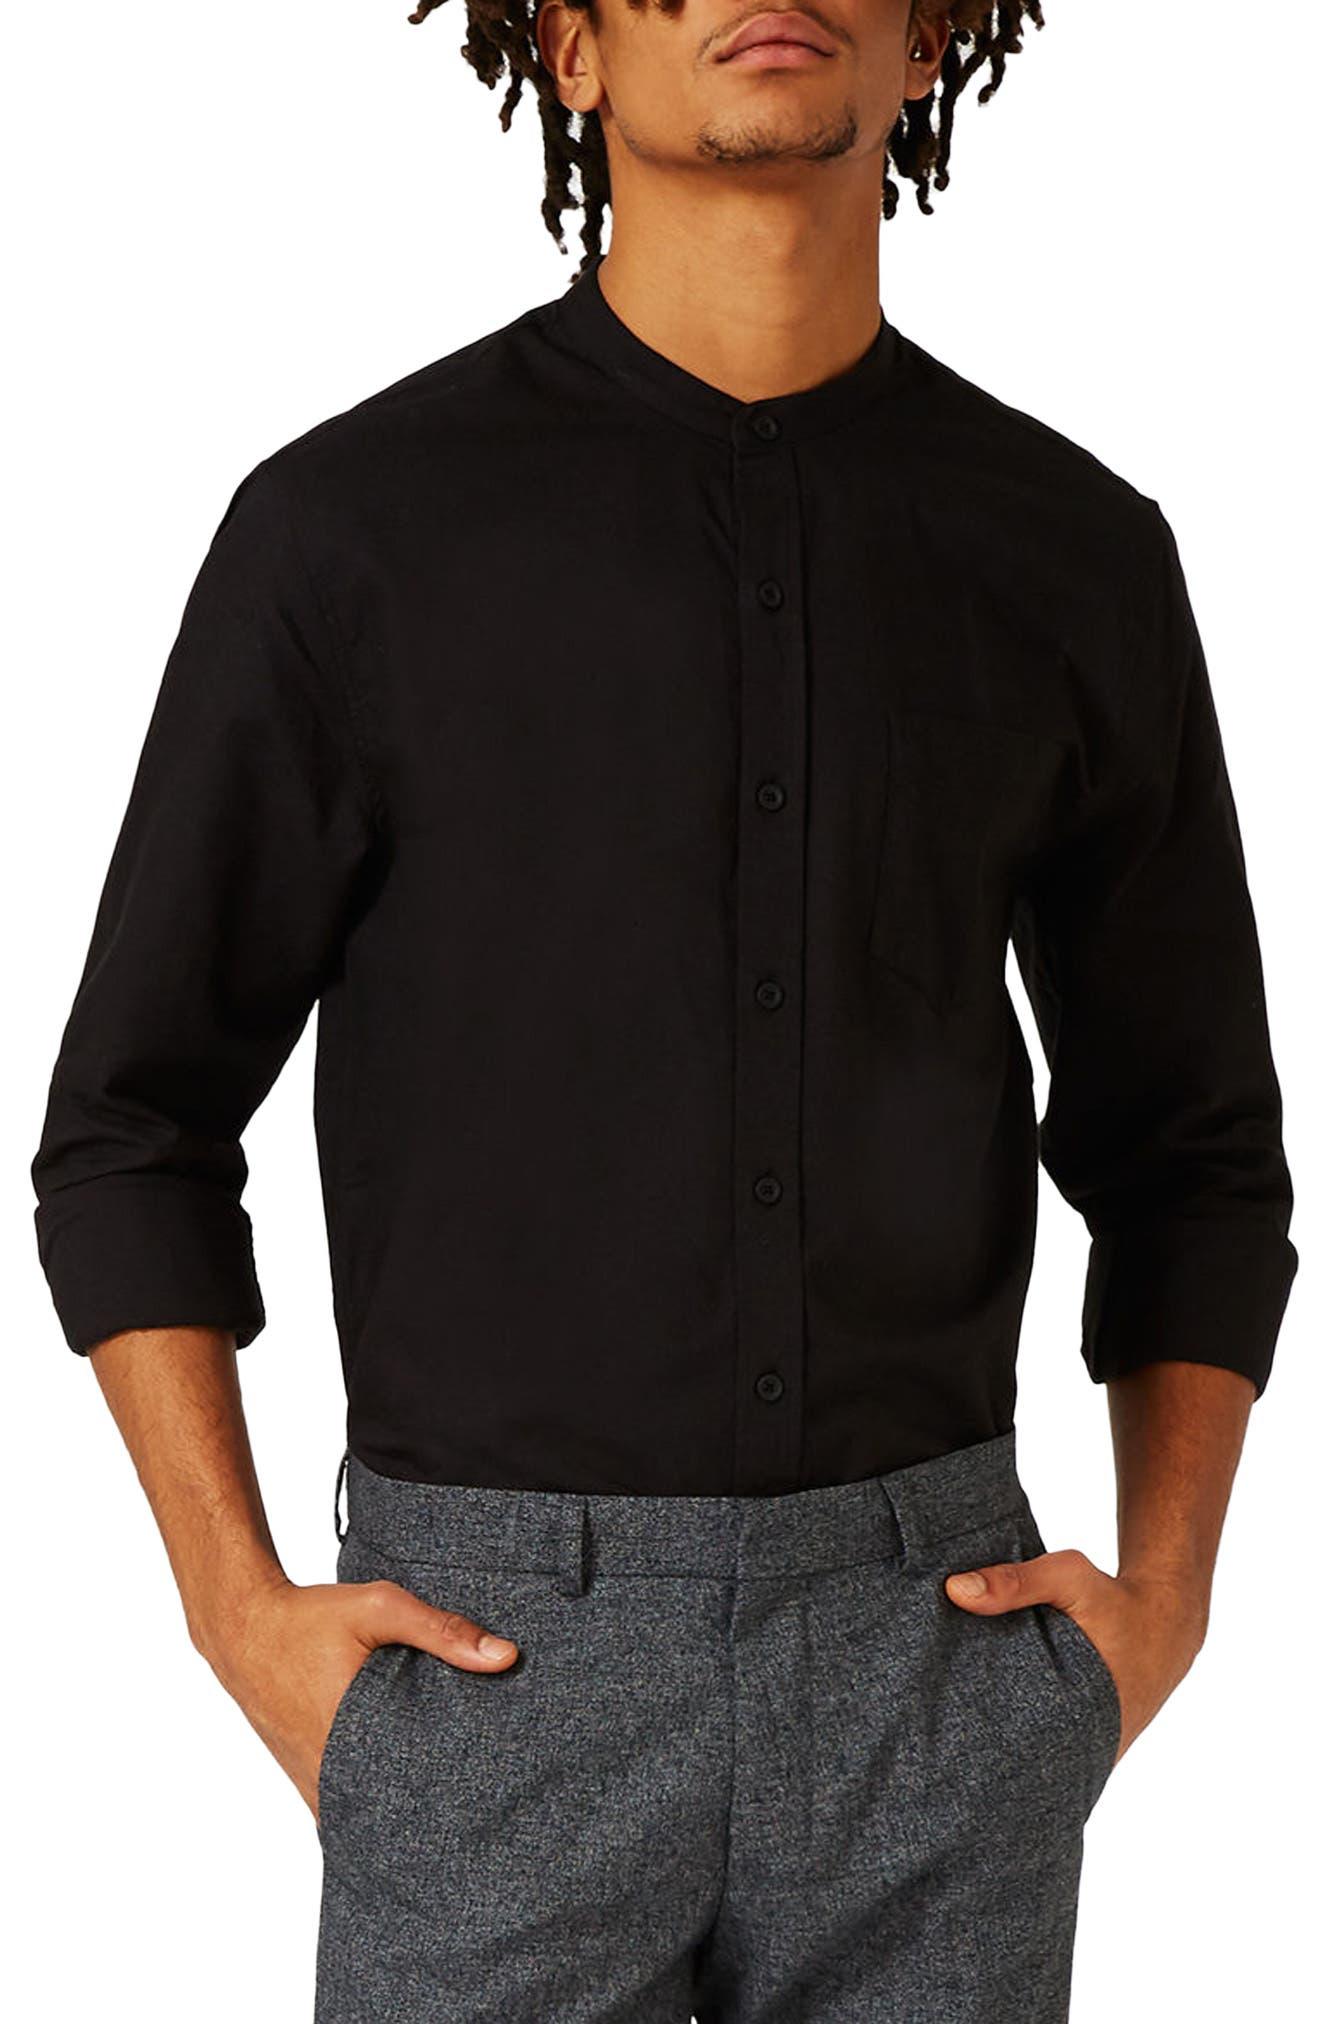 TOPMAN Band Collar Shirt, Main, color, 001